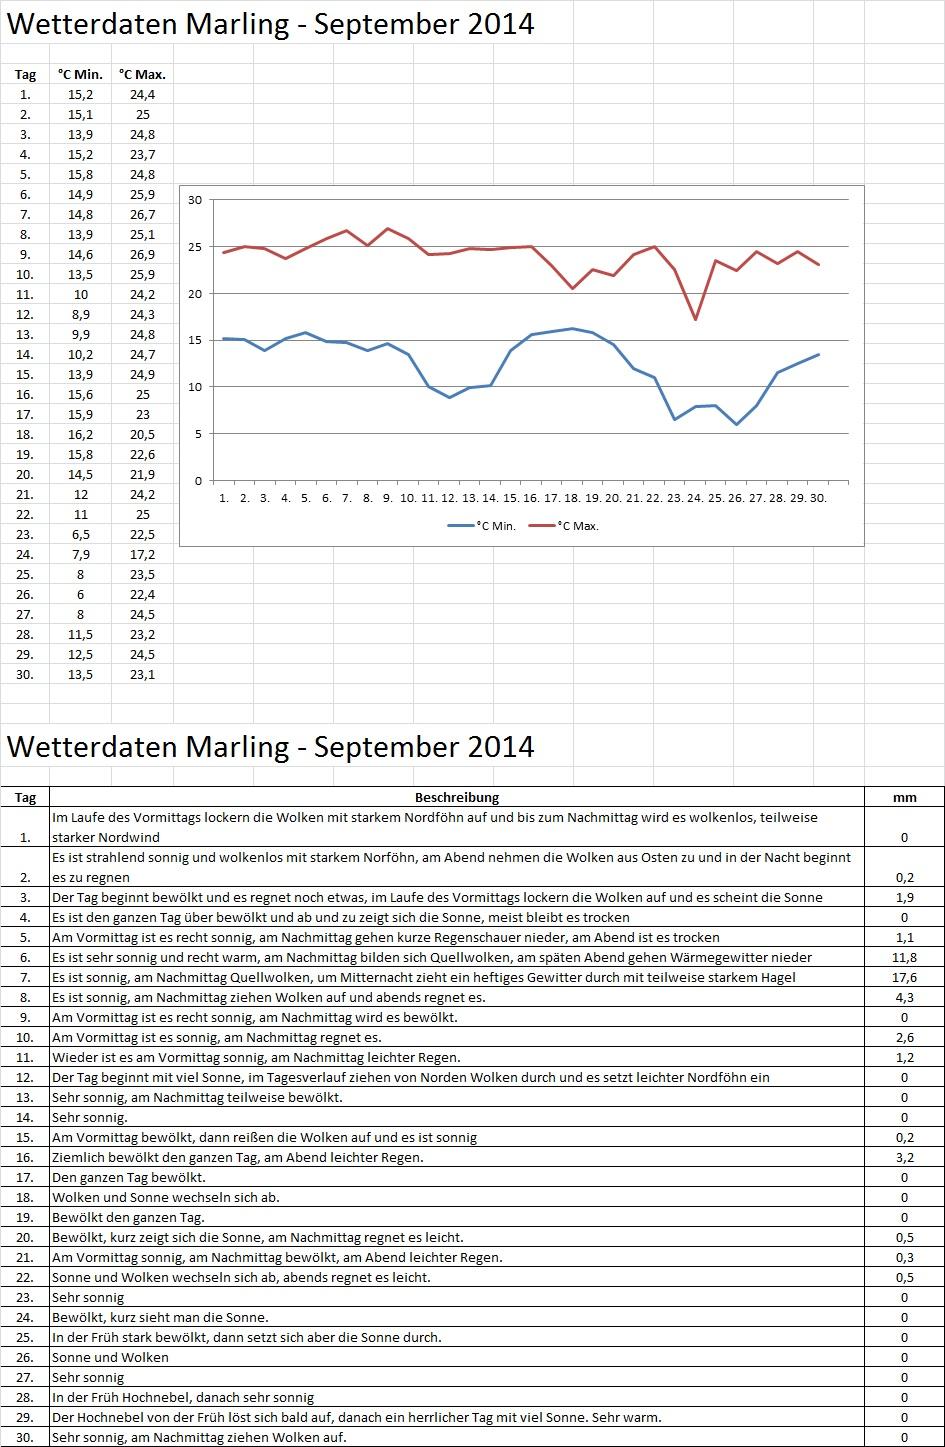 Wetter Daten Marling September 2014